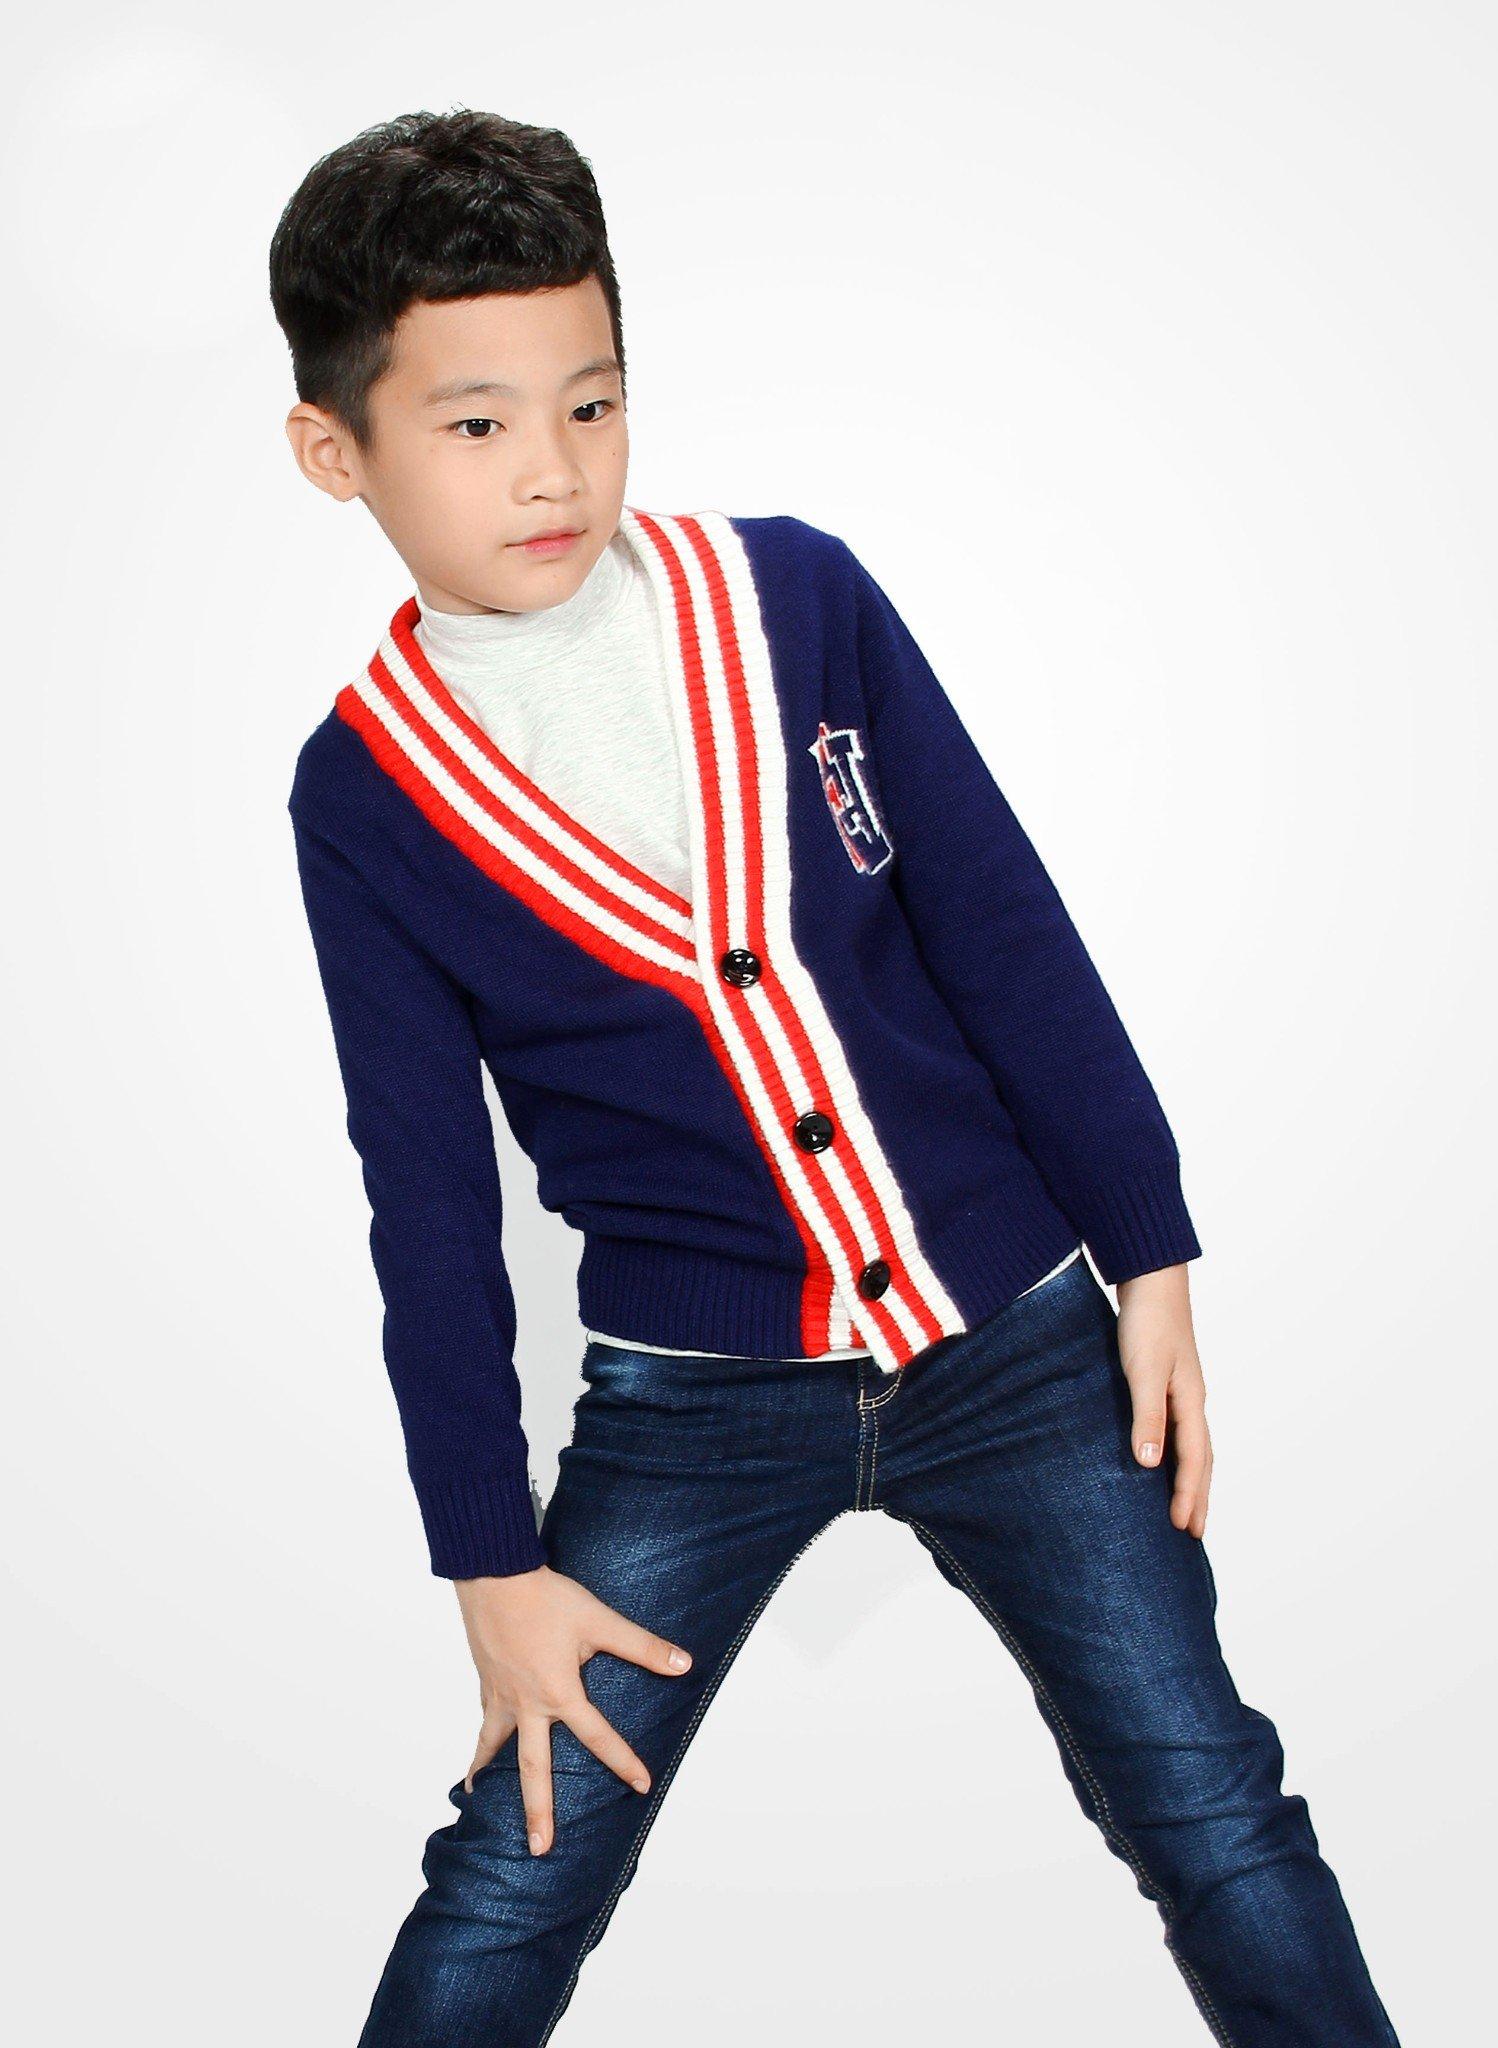 Áo khoác len bé trai xanh navy viền kẻ